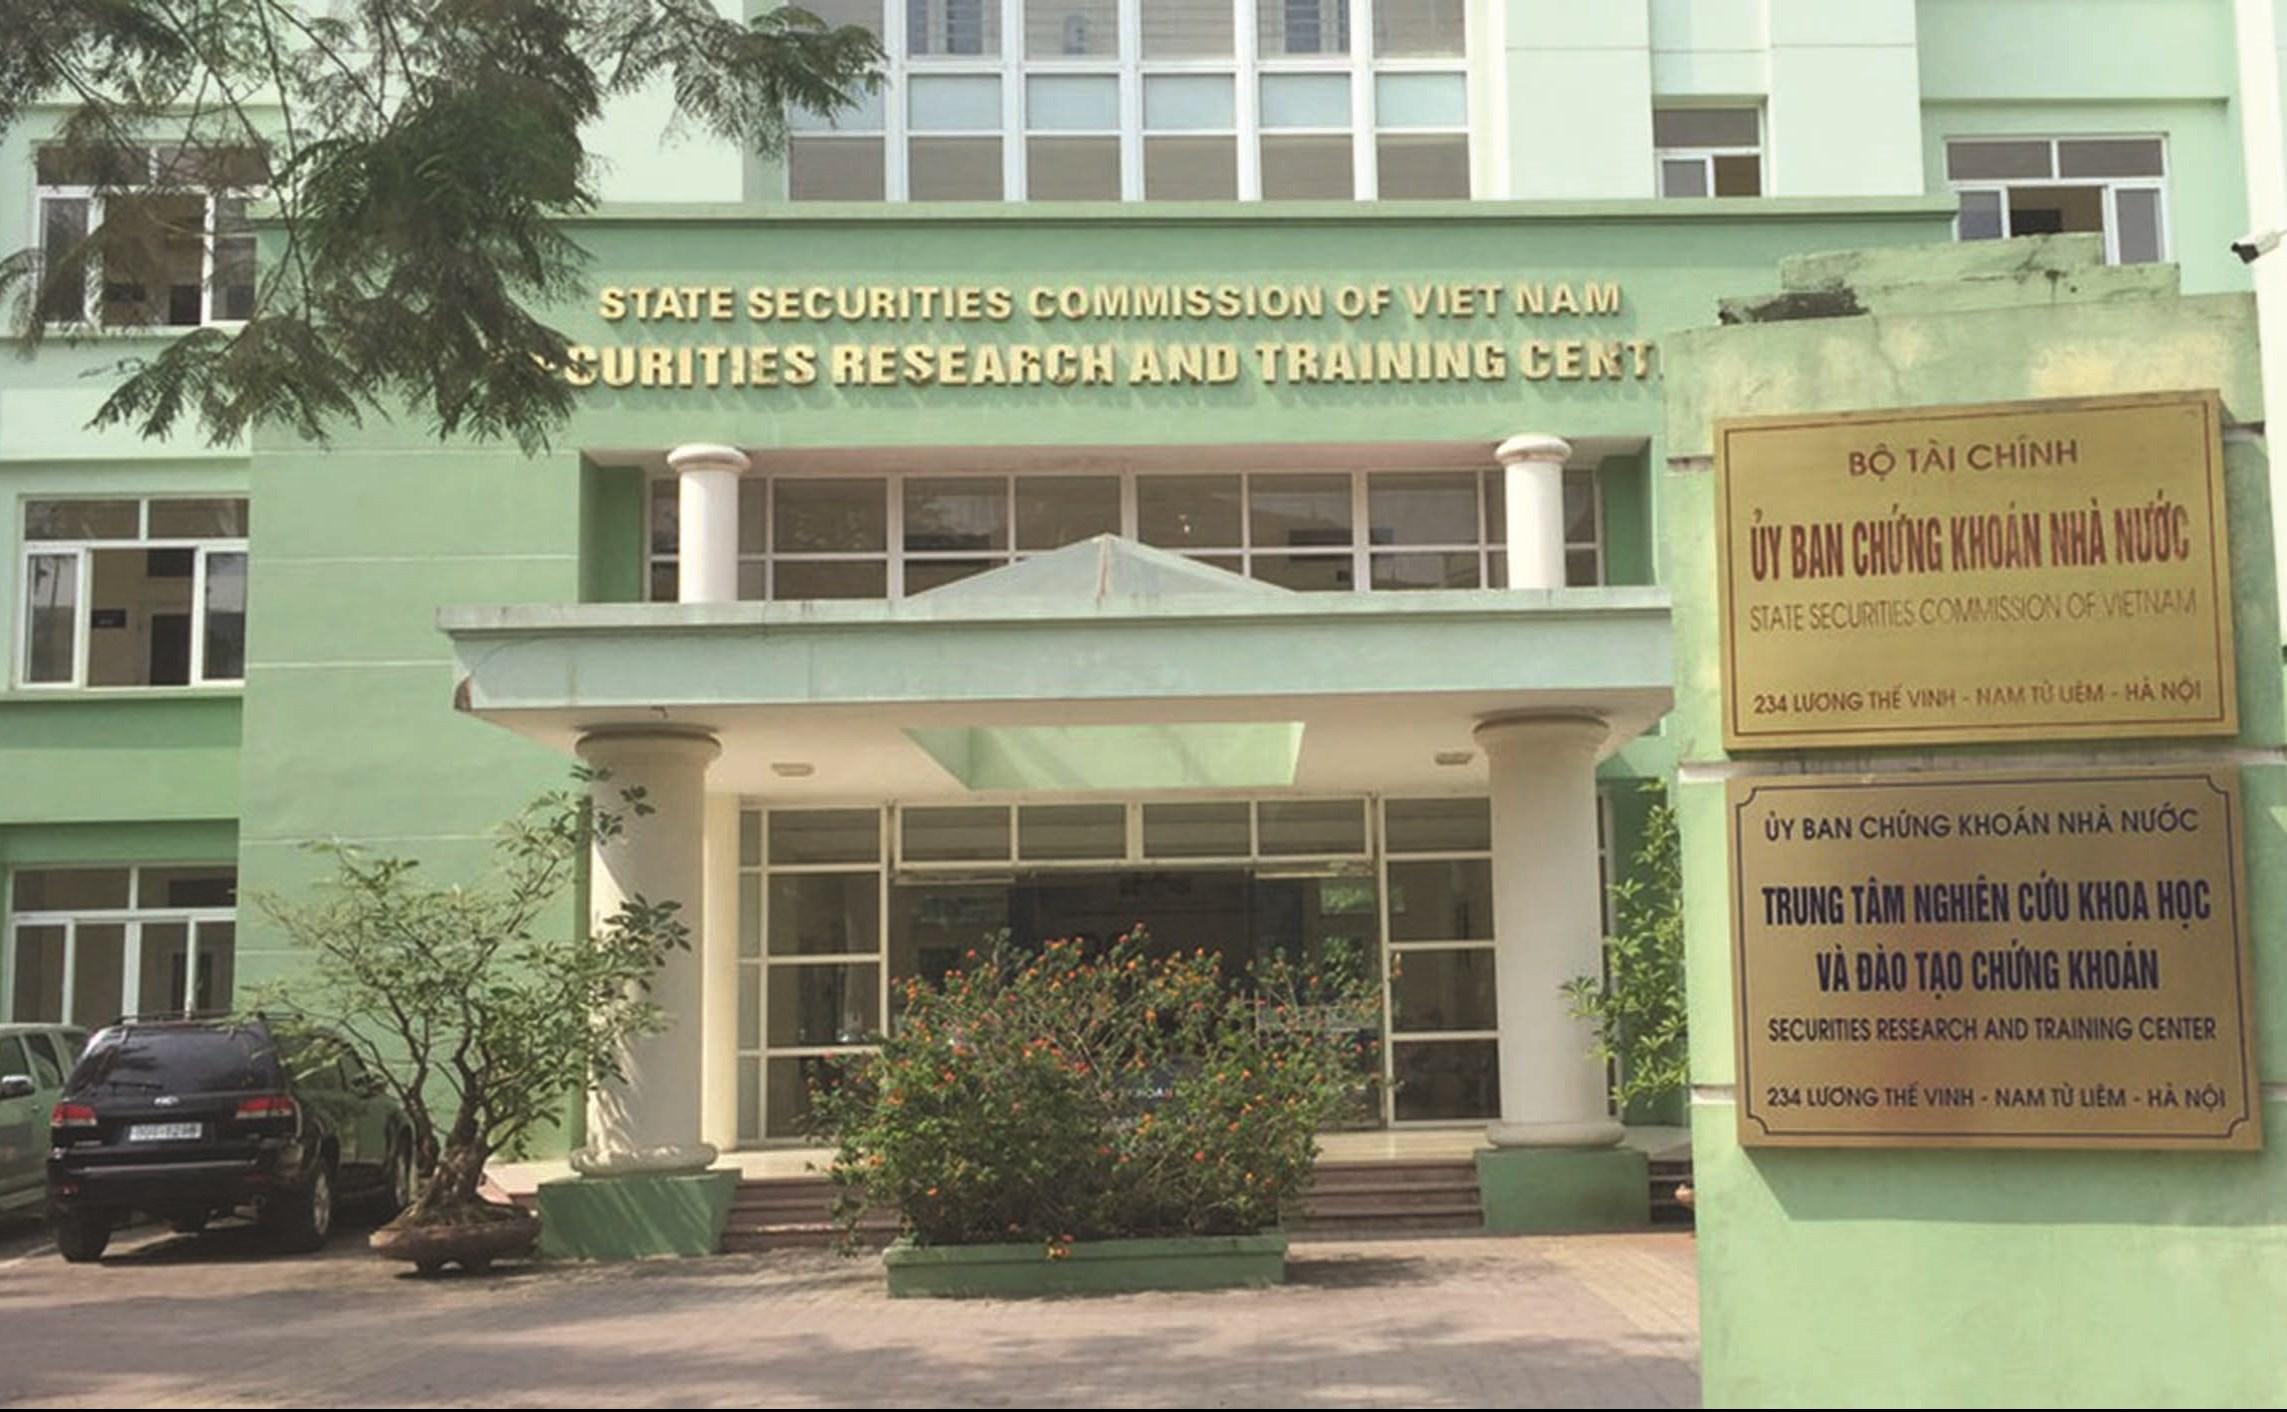 Trụ sở của Cục Công nghệ thông tin, Ủy ban Chứng khoán Nhà nước